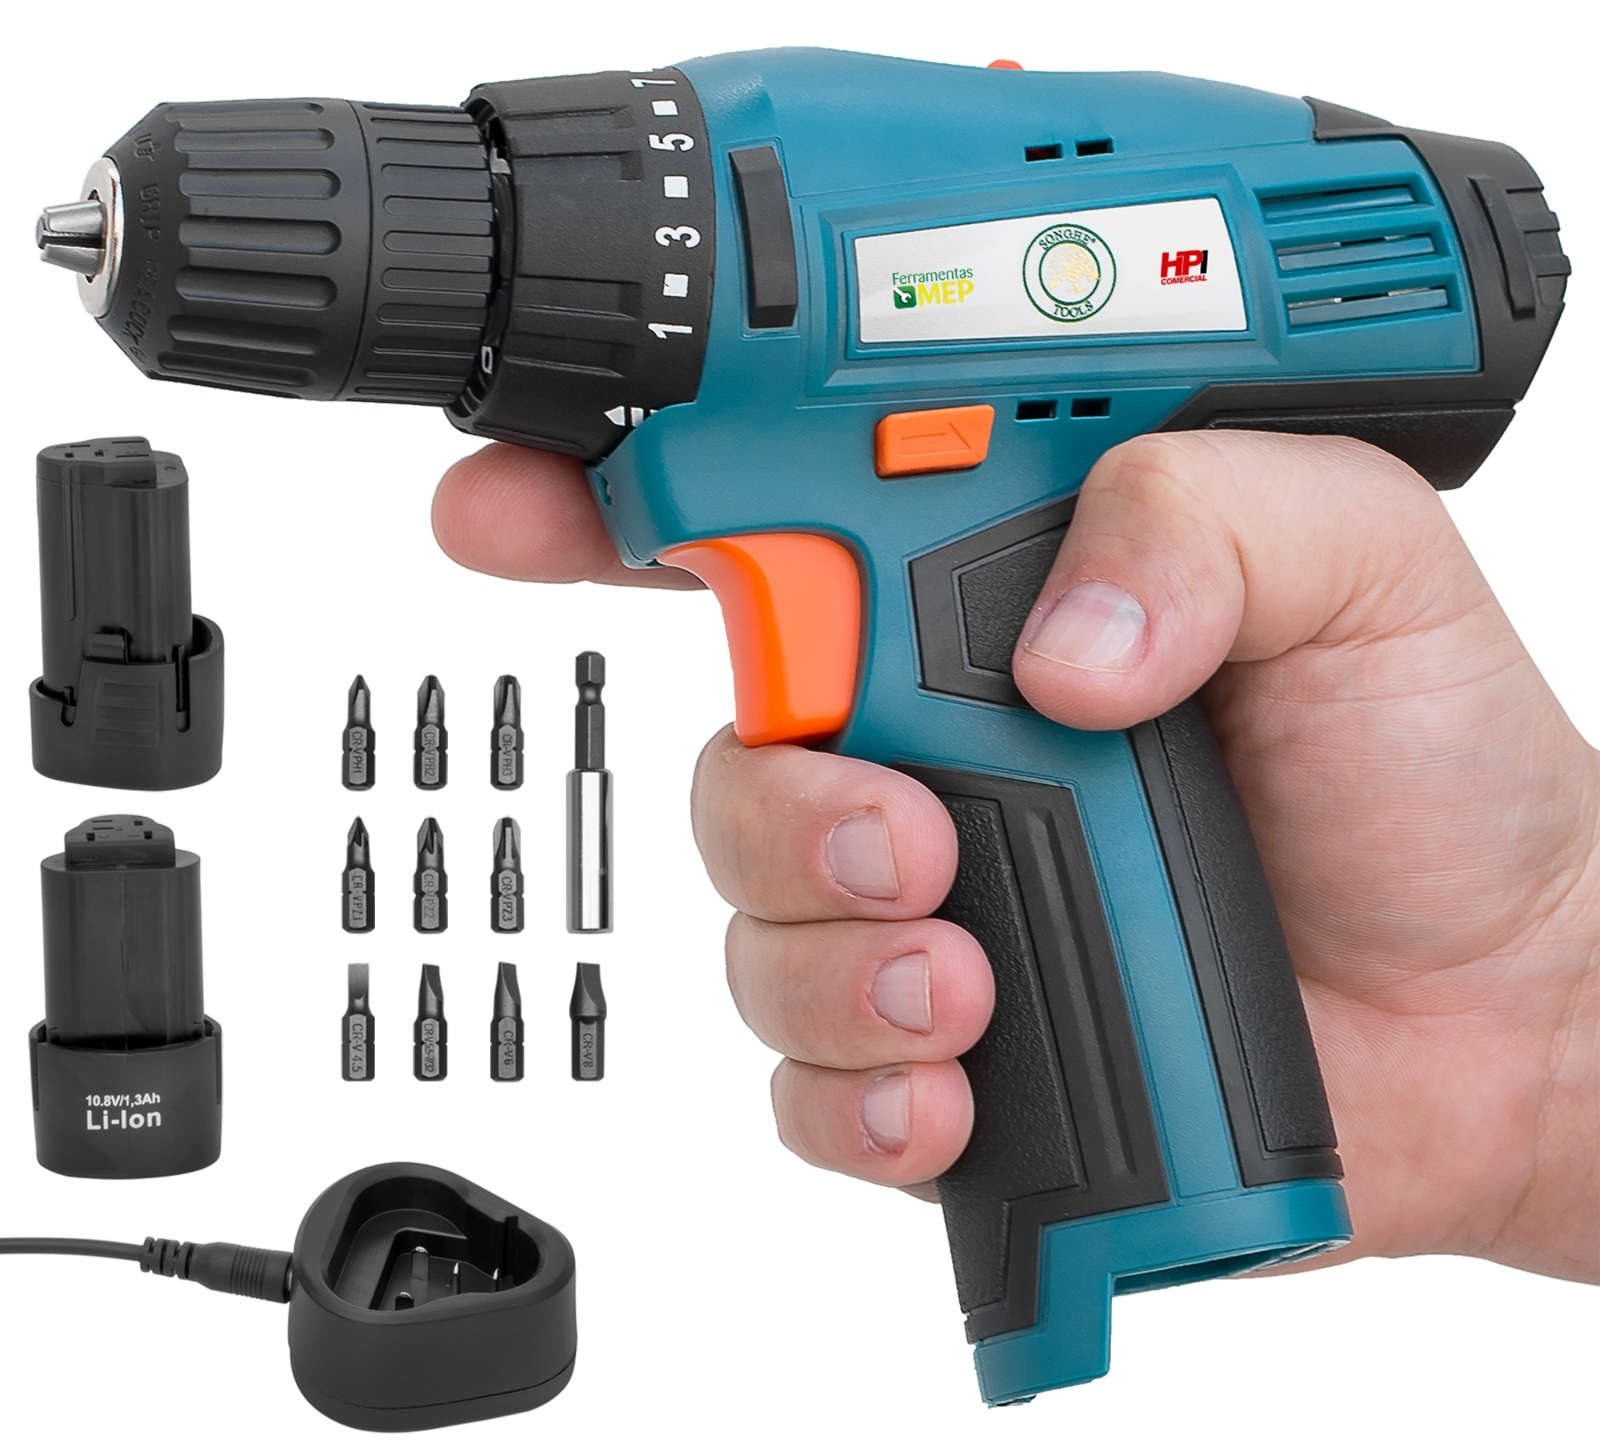 Parafusadeira Furadeira A Bateria 10,8V  Songhe Tools - Modelo 0312 - Ferramentas MEP